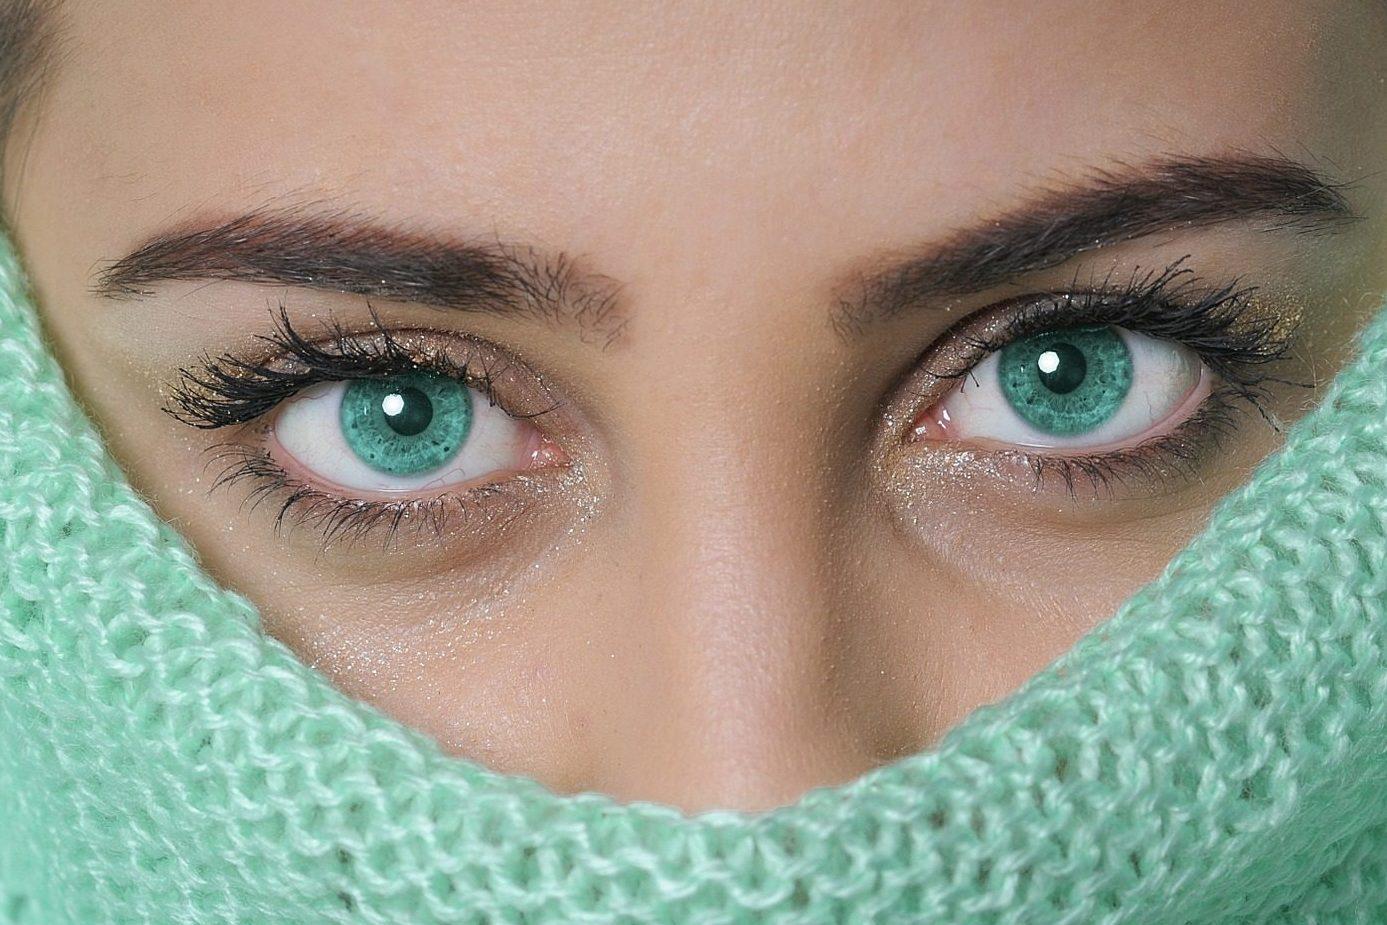 Di che colore hai gli occhi ecco cosa rivela lo sguardo - Colore degli occhi diversi ...